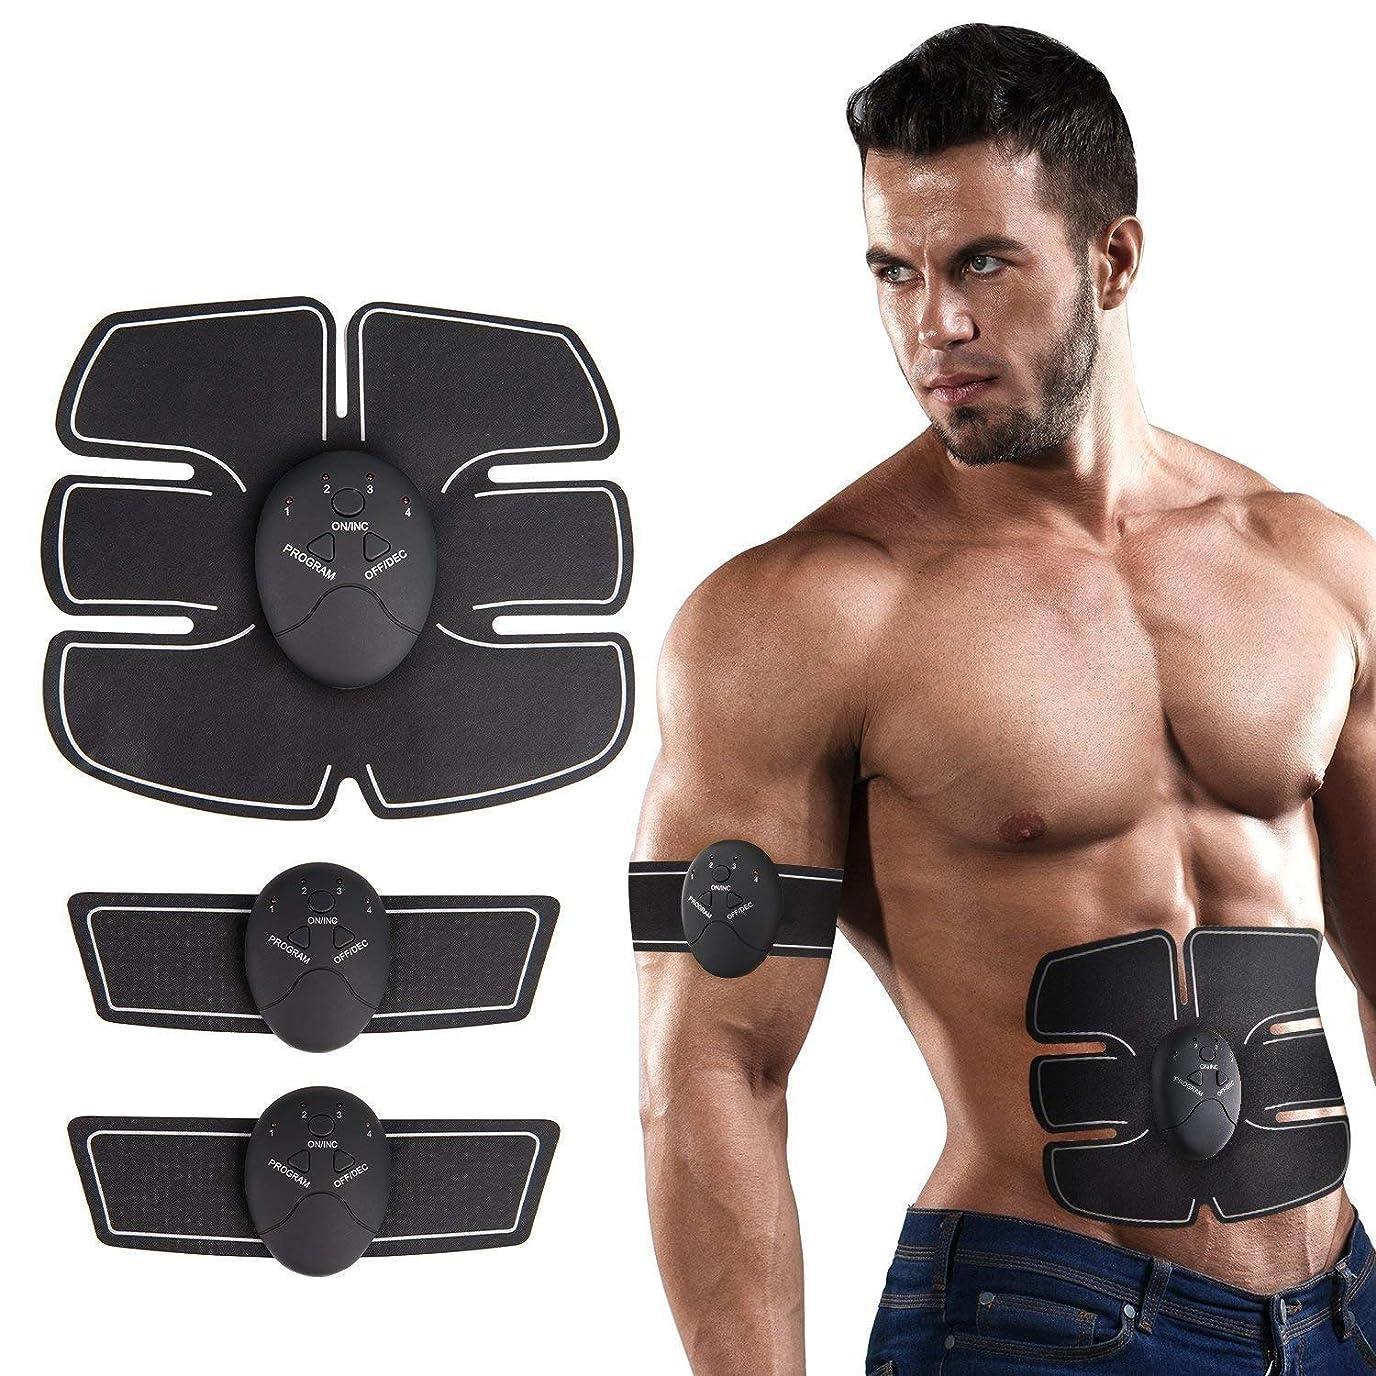 フィットネス腹筋トレーナーEMS筋刺激剤筋トナー腹筋マッサージ器、家庭用ユニセックスUSB充電腹部/腕/脚重量を減らすためのトレーニング腹筋トレーニング